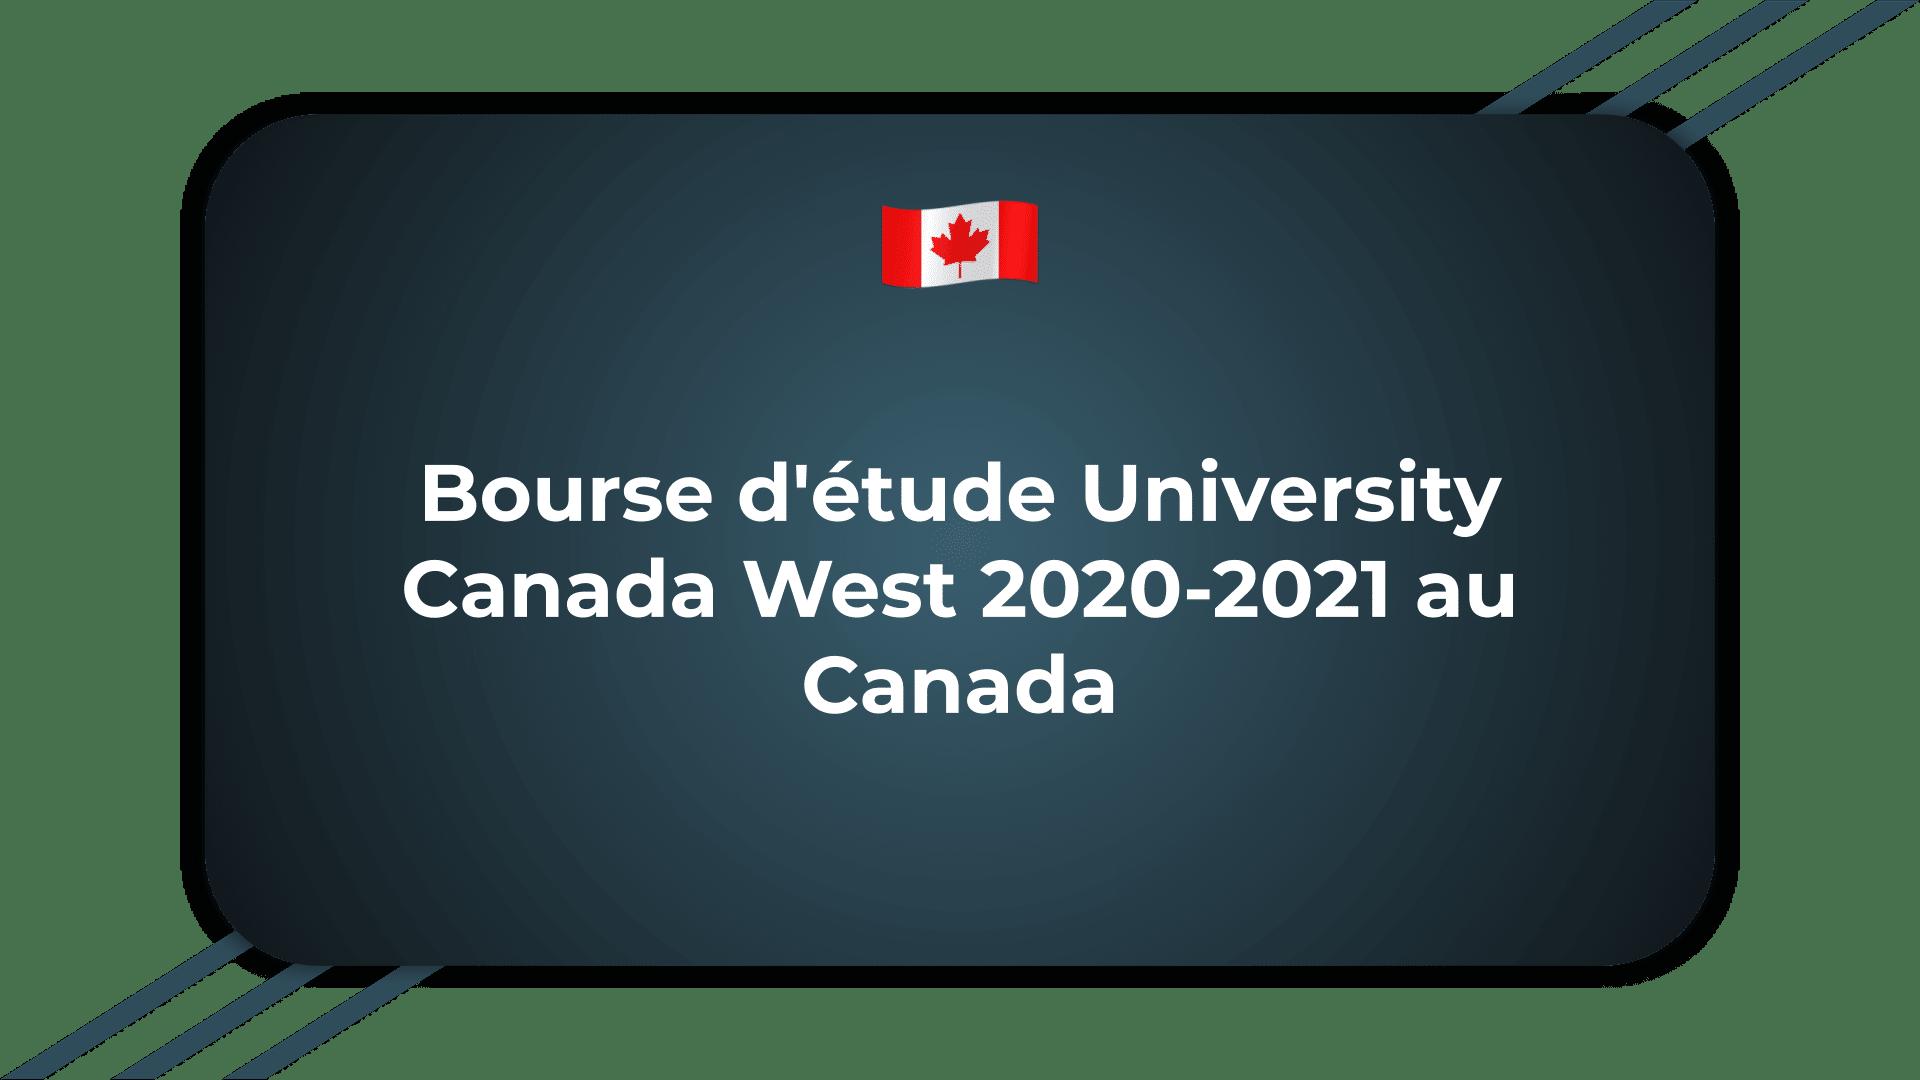 Bourse d'étude University Canada West